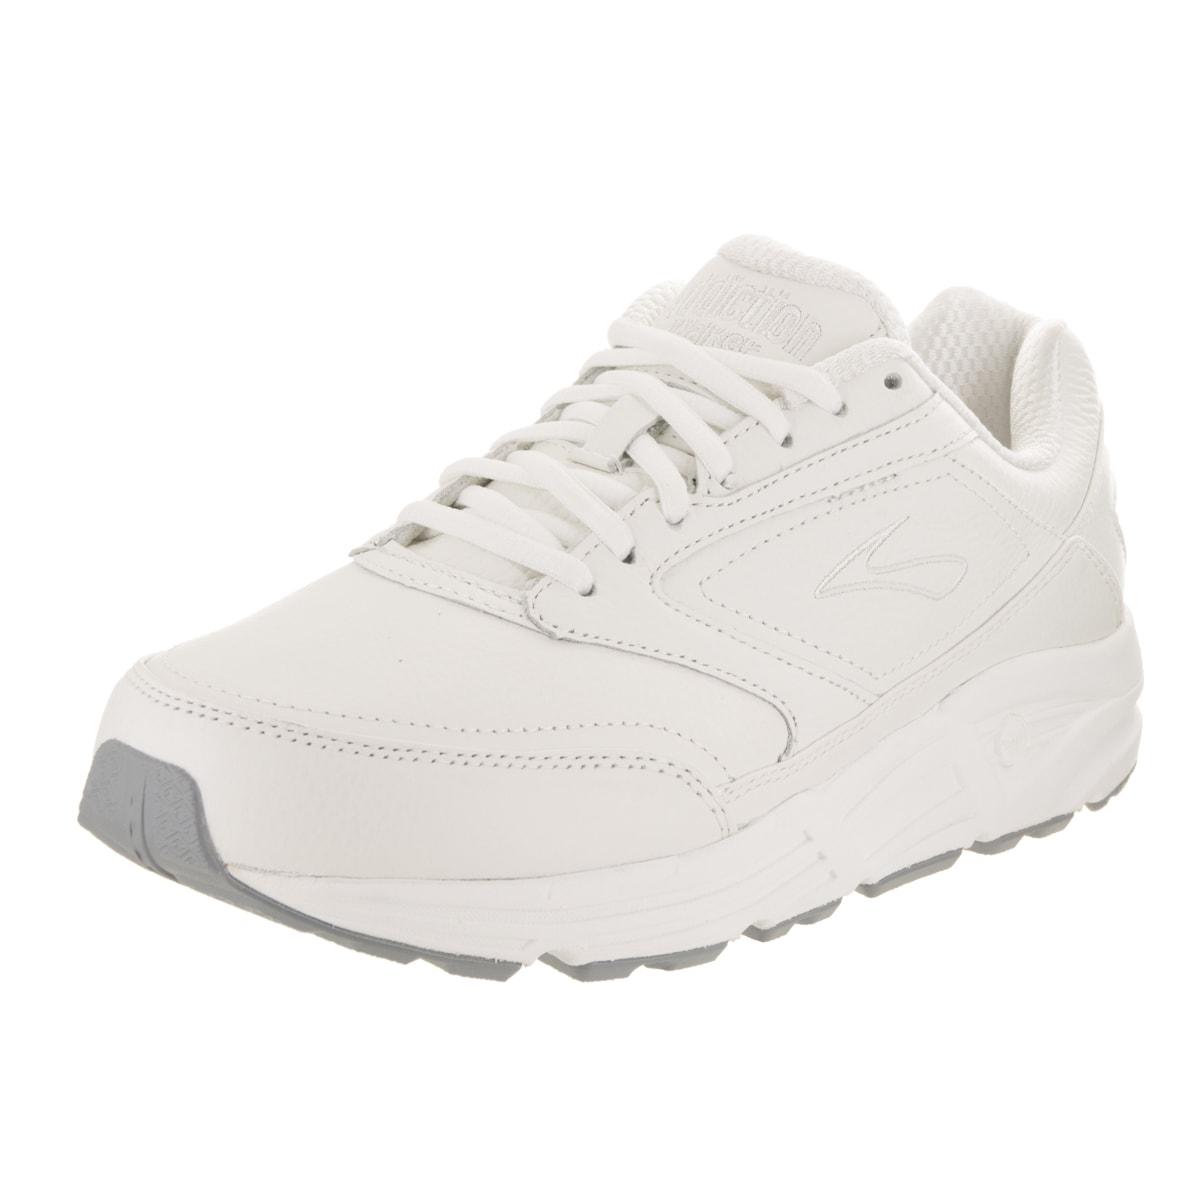 BROOKS Men's Addiction Walker 2E White Leather Running Sh...